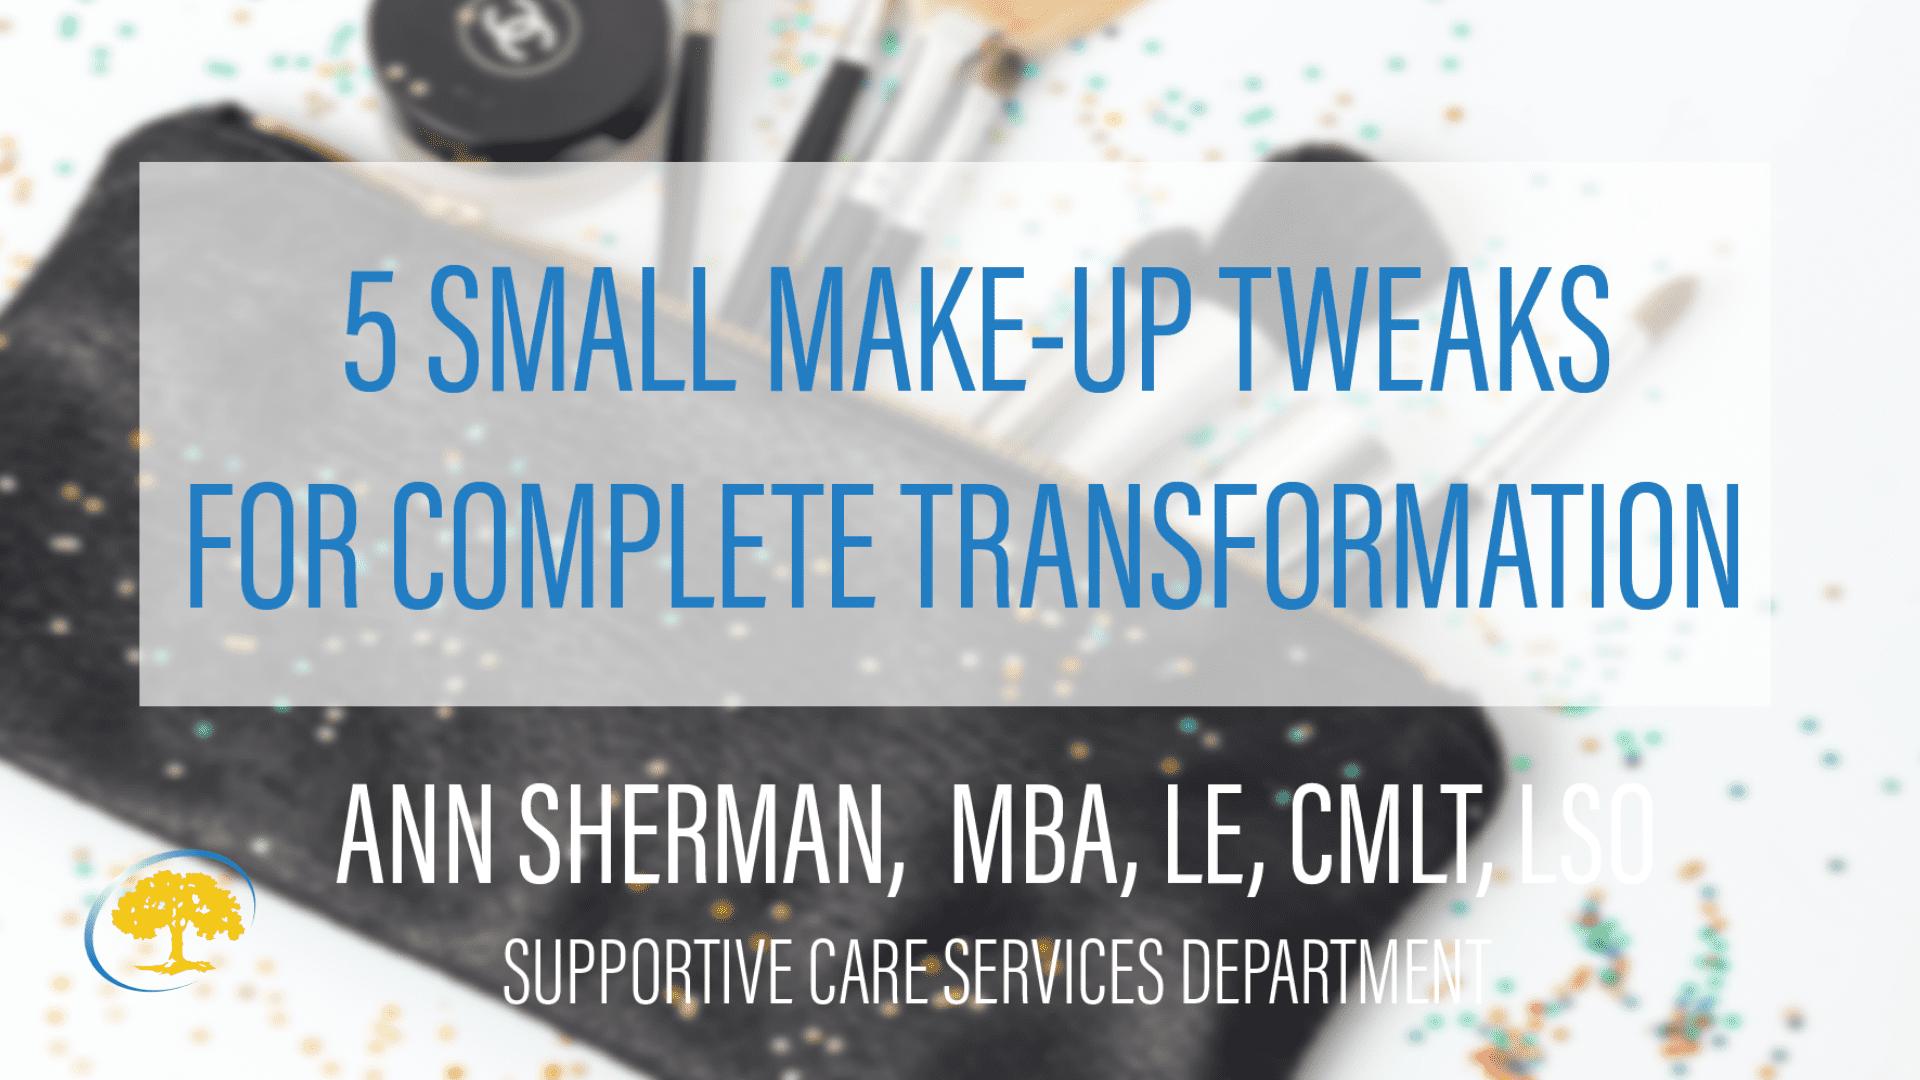 5 Small Make Up Tweaks